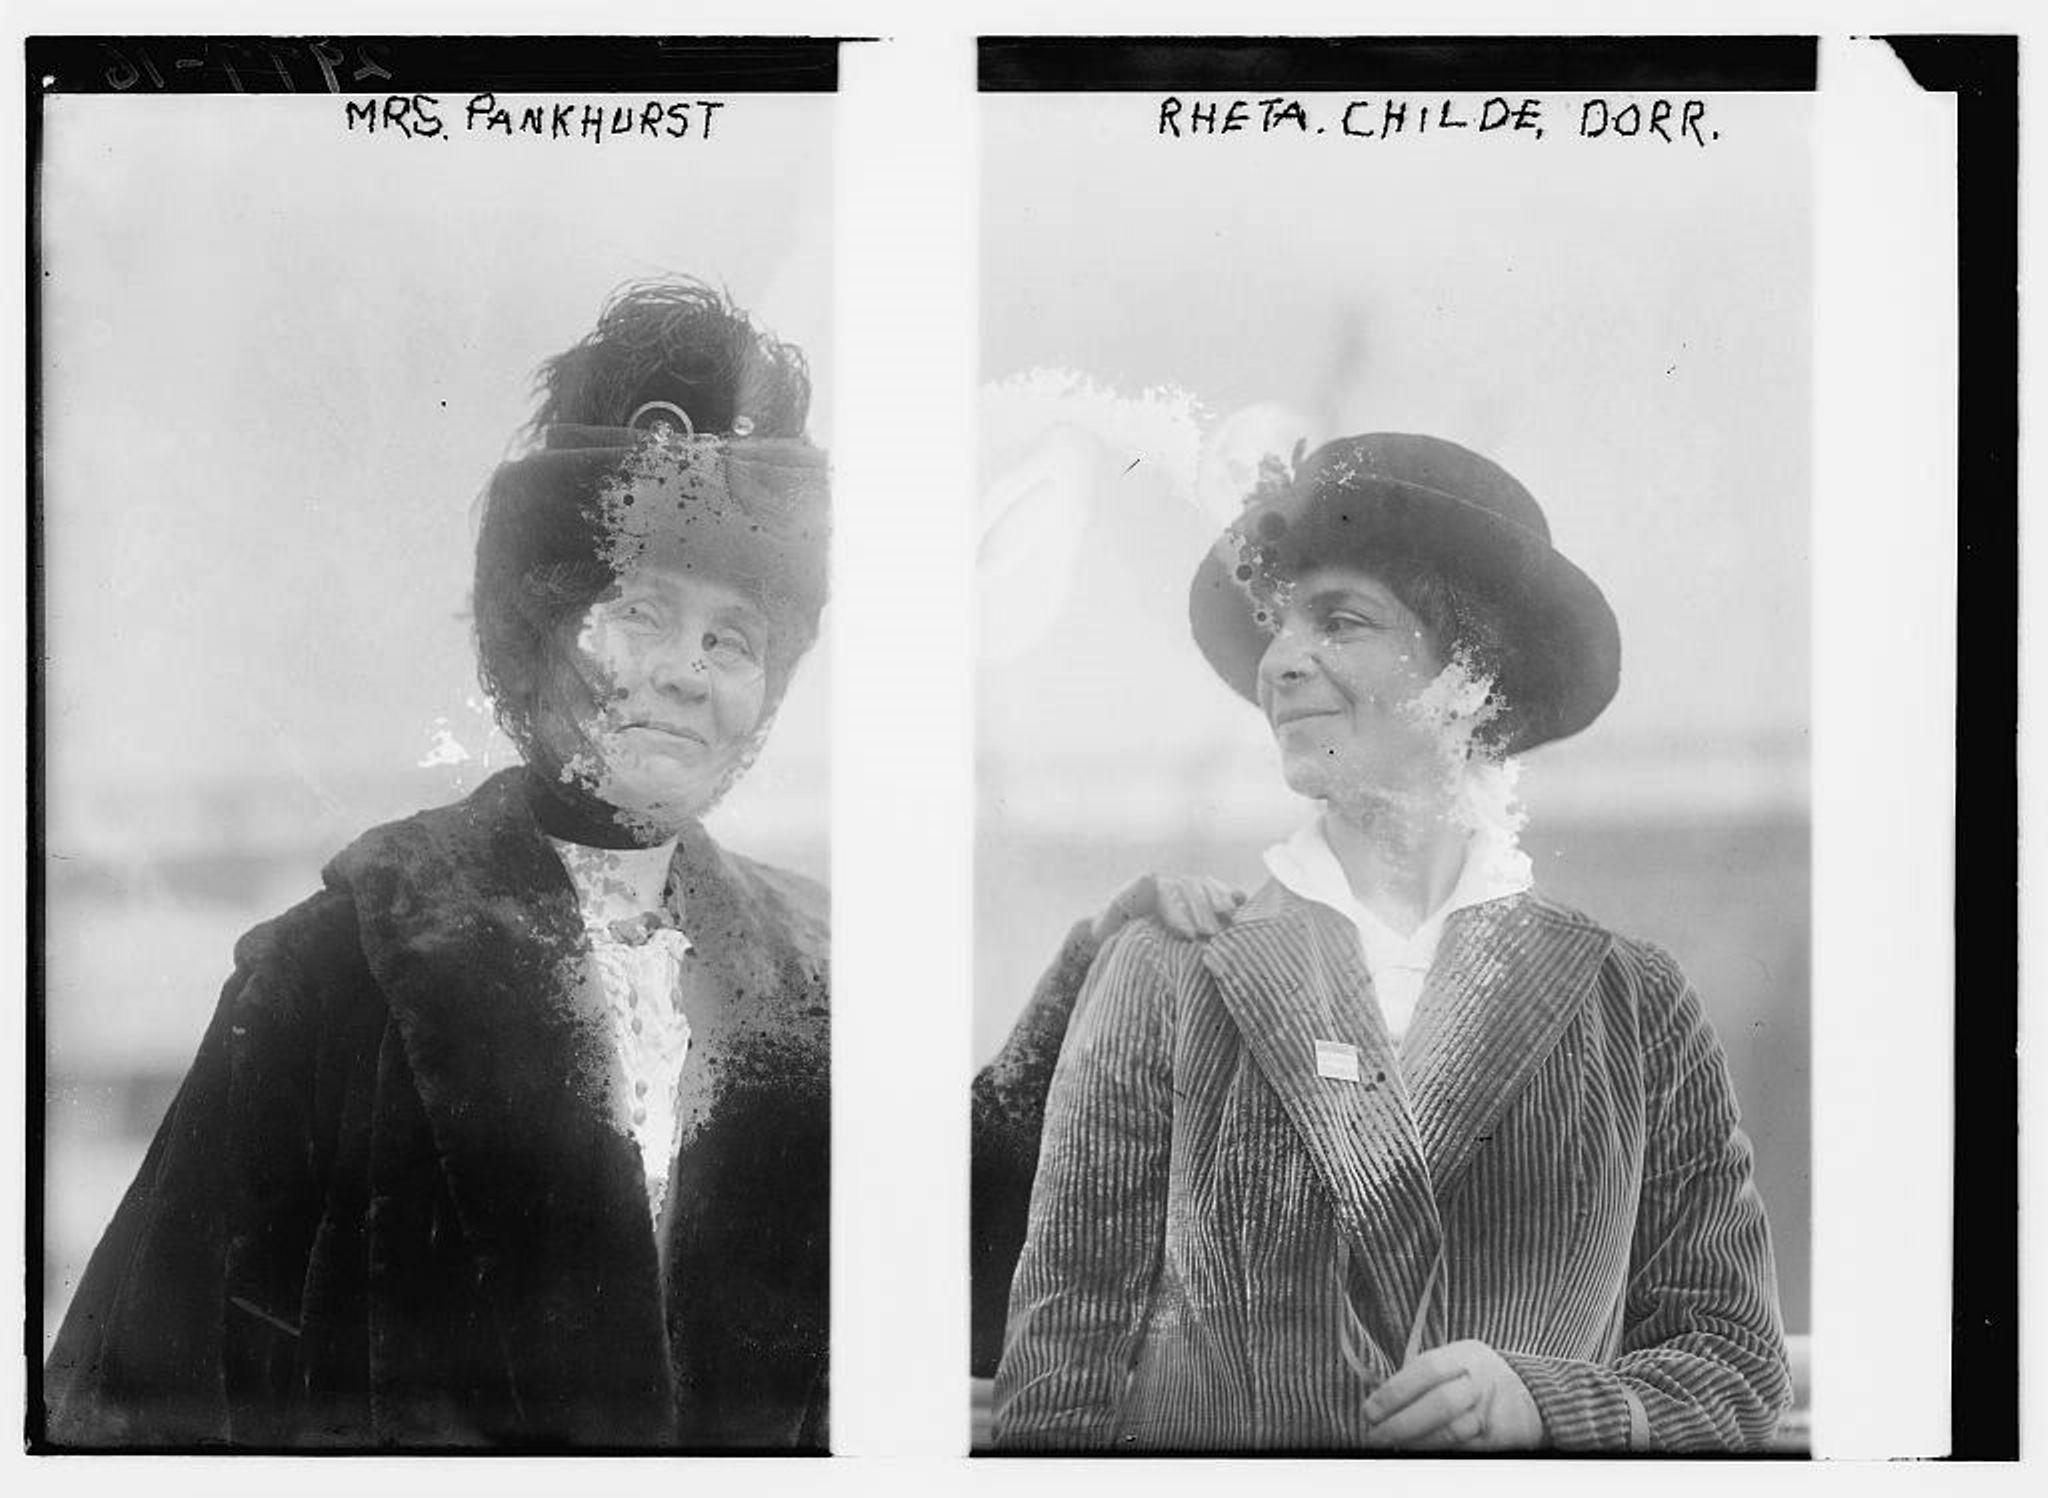 Emmeline Pankhurst and Rheta Childe Dorr